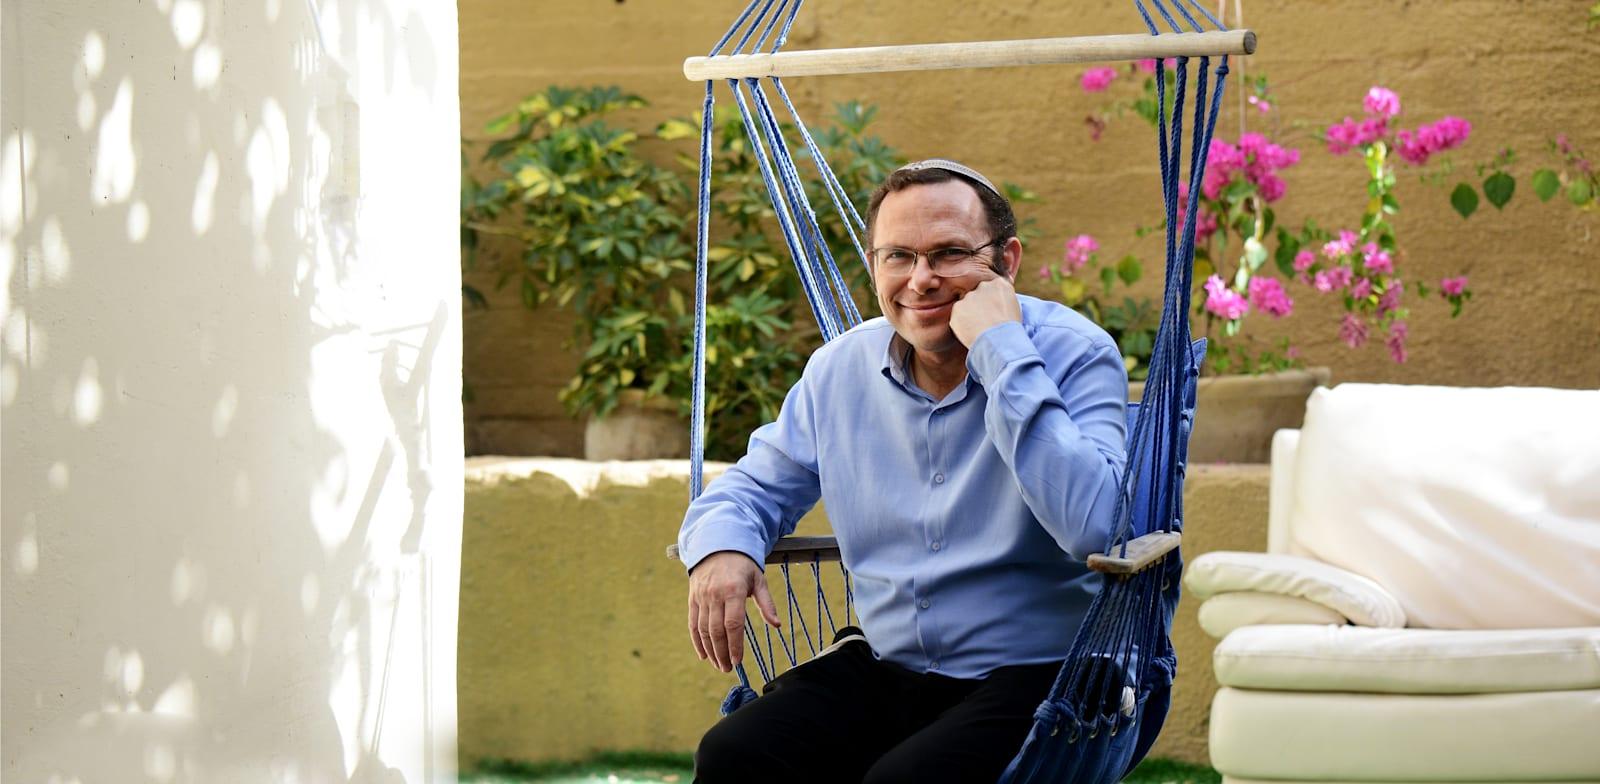 """ישראל זעירא. בעלים ומנכ""""ל של חברת באמונה, ייזום וניהול פרויקטים בע״מ / צילום: איל יצהר"""